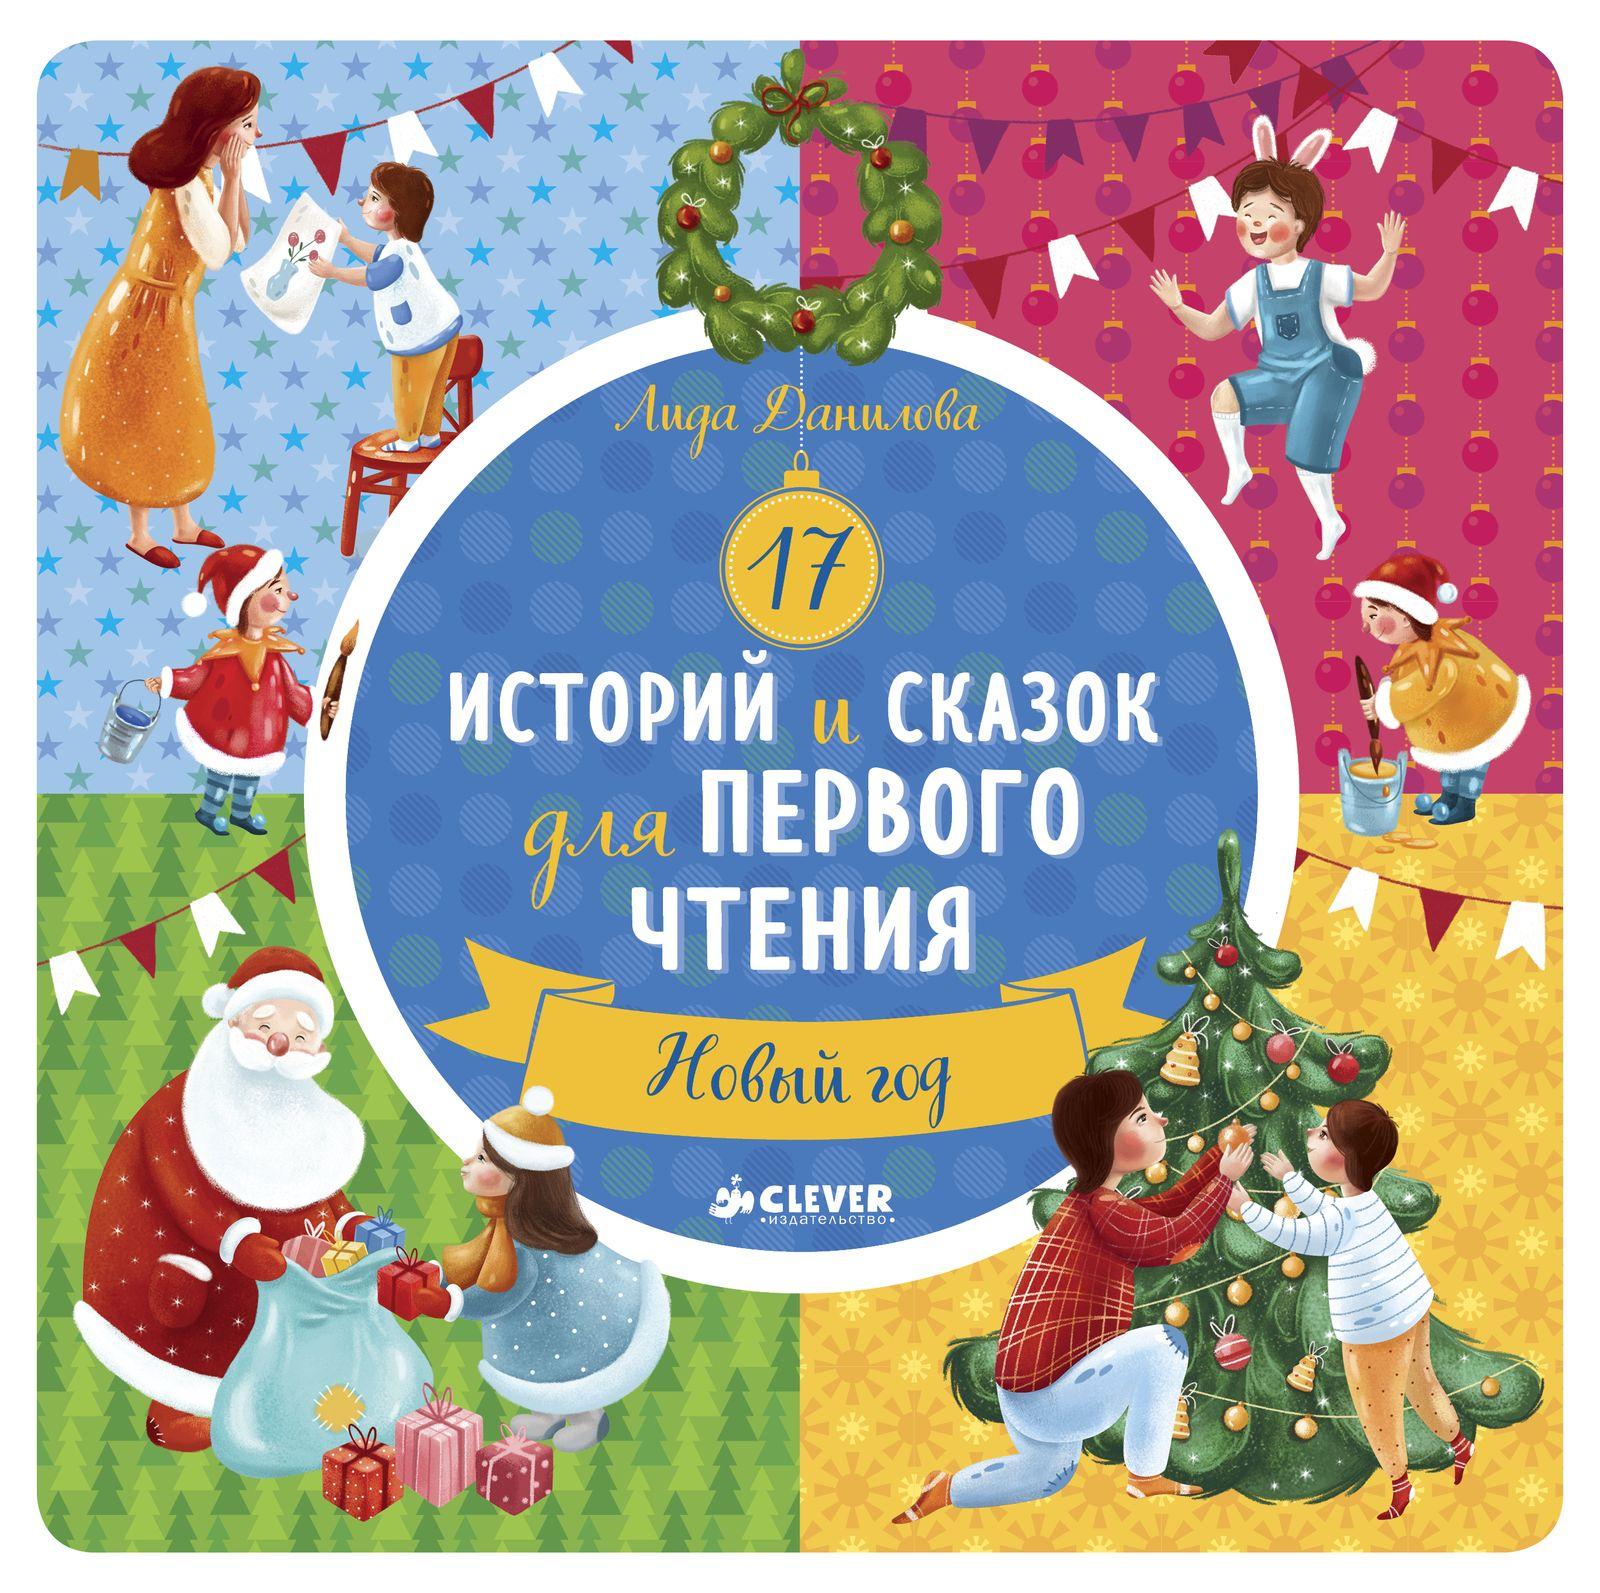 Купить 17 историй и сказок для первого чтения. Новый год, Издательство Клевер